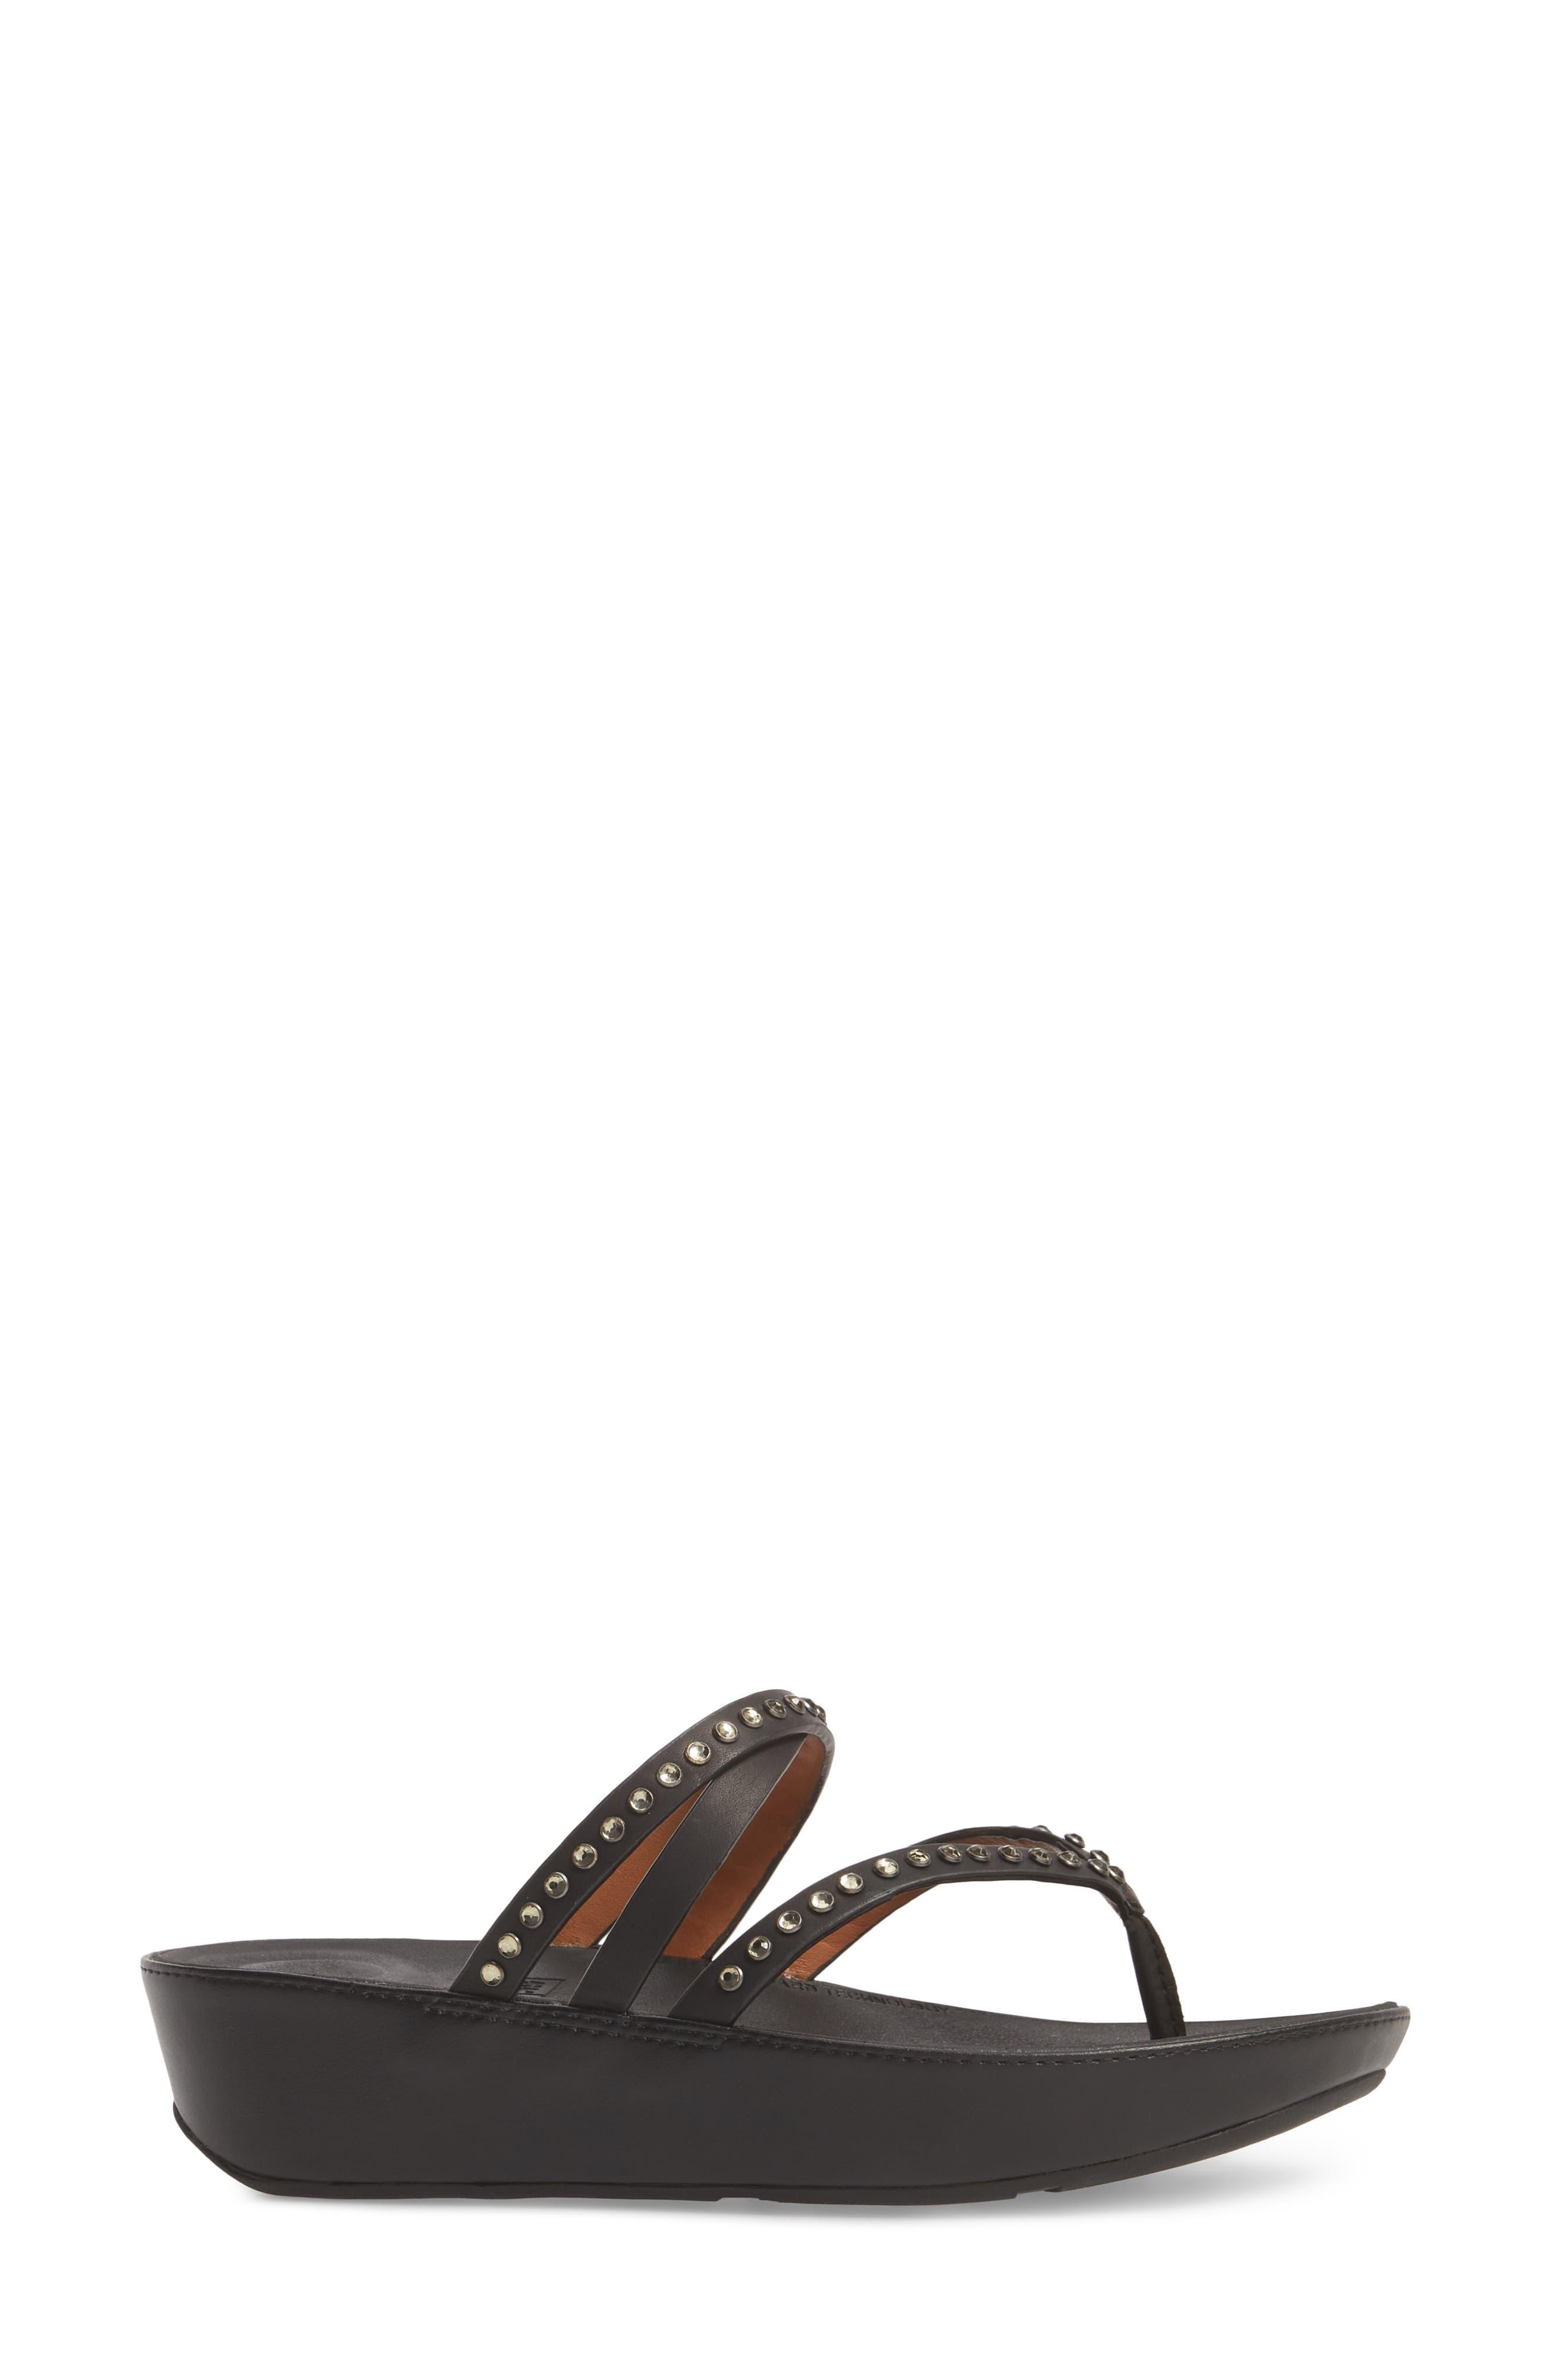 Linny Embellished Slide Sandal,                             Alternate thumbnail 3, color,                             001